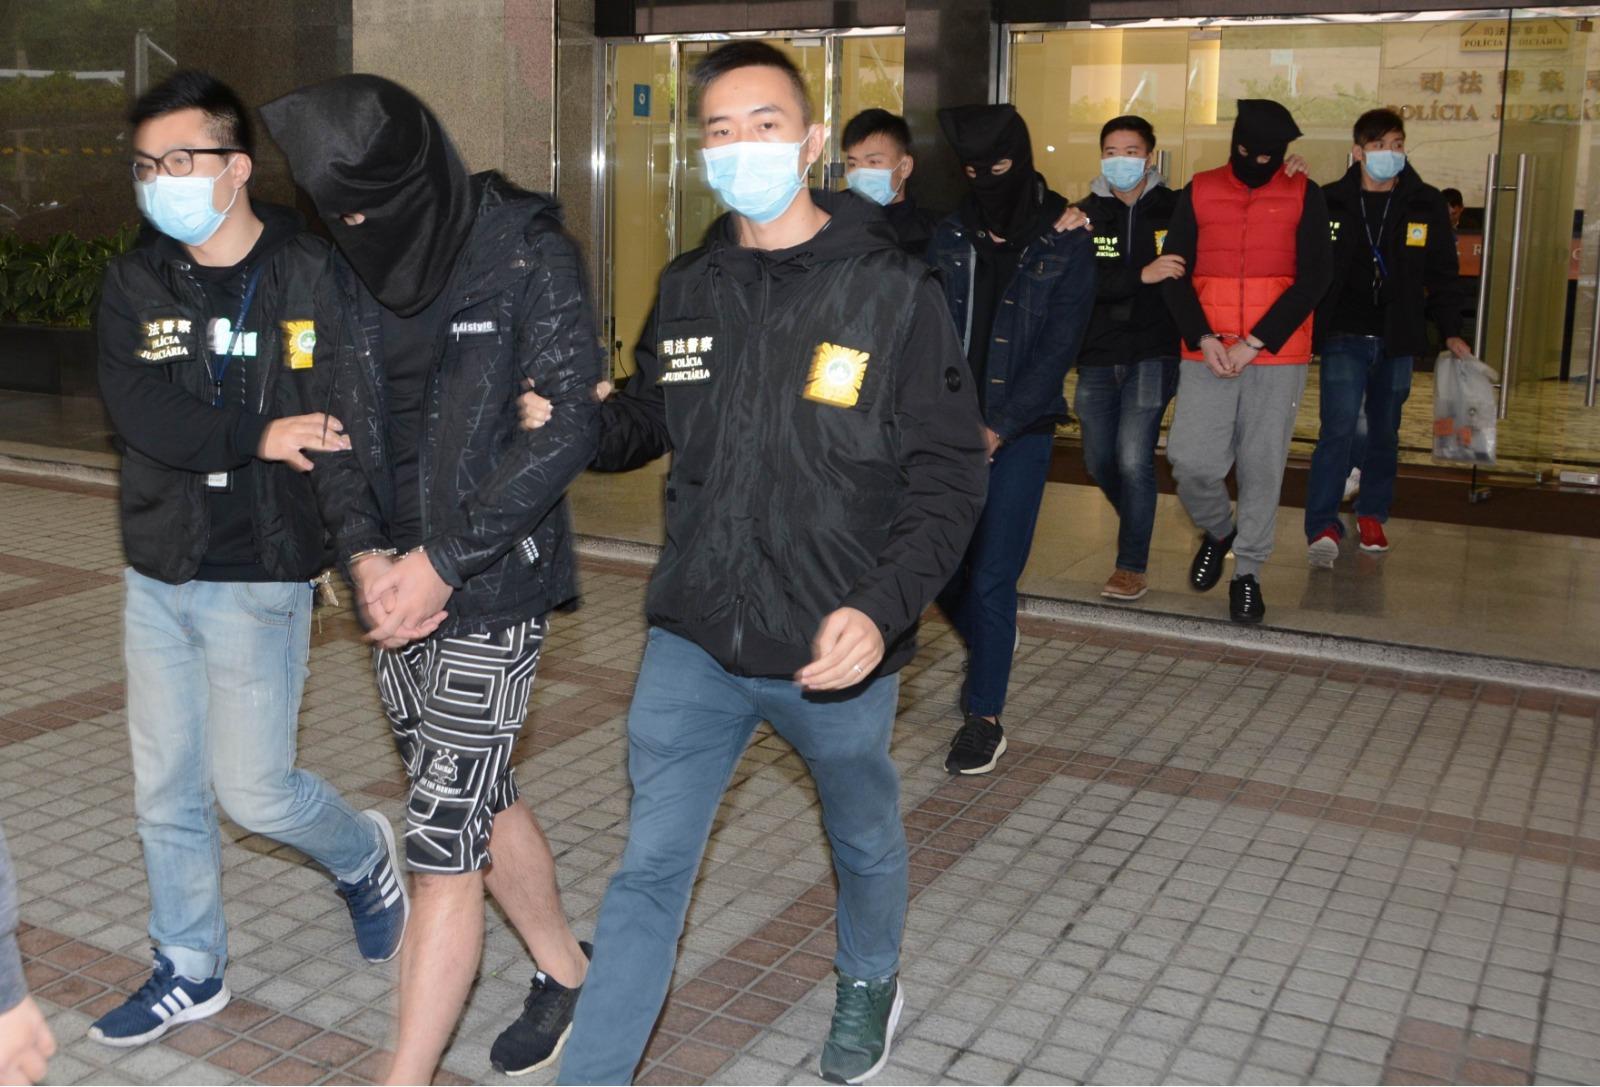 三名香港男子涉毒被澳門司警拘捕。